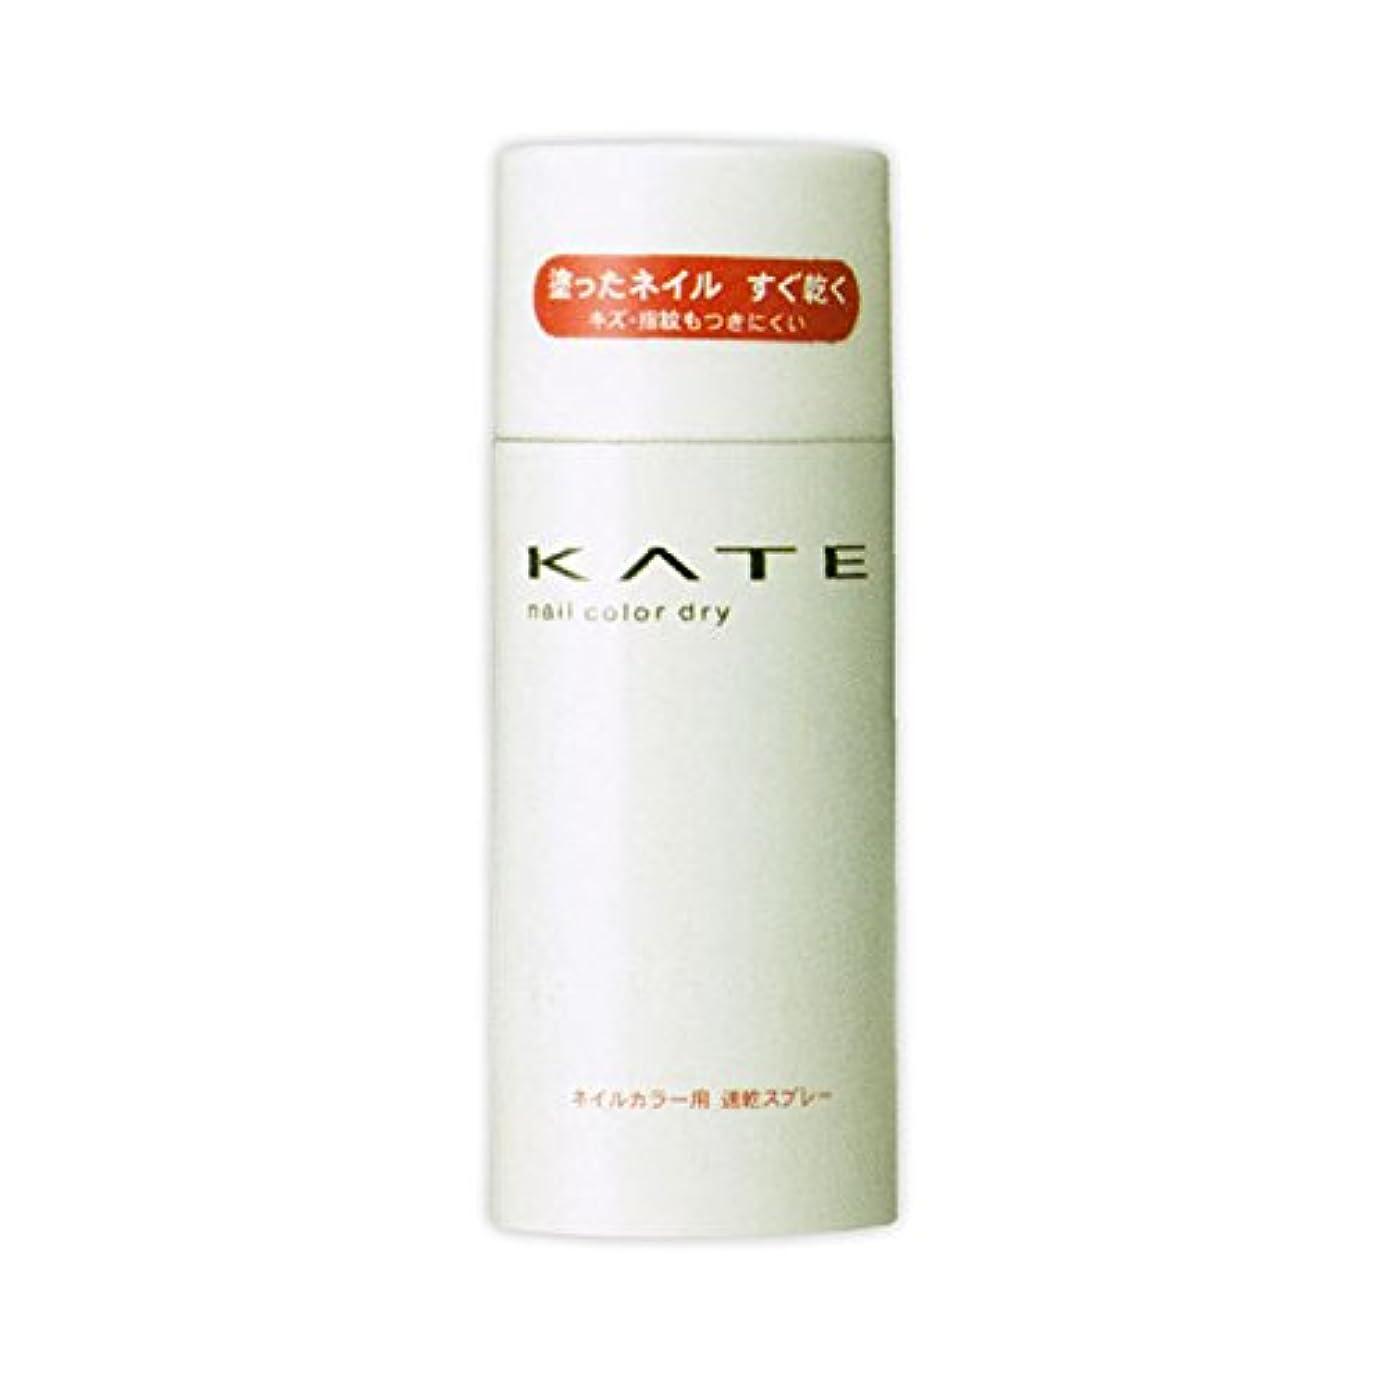 付属品インセンティブスピーカーカネボウ ケイト KATE ネイルカラードライ S 90g